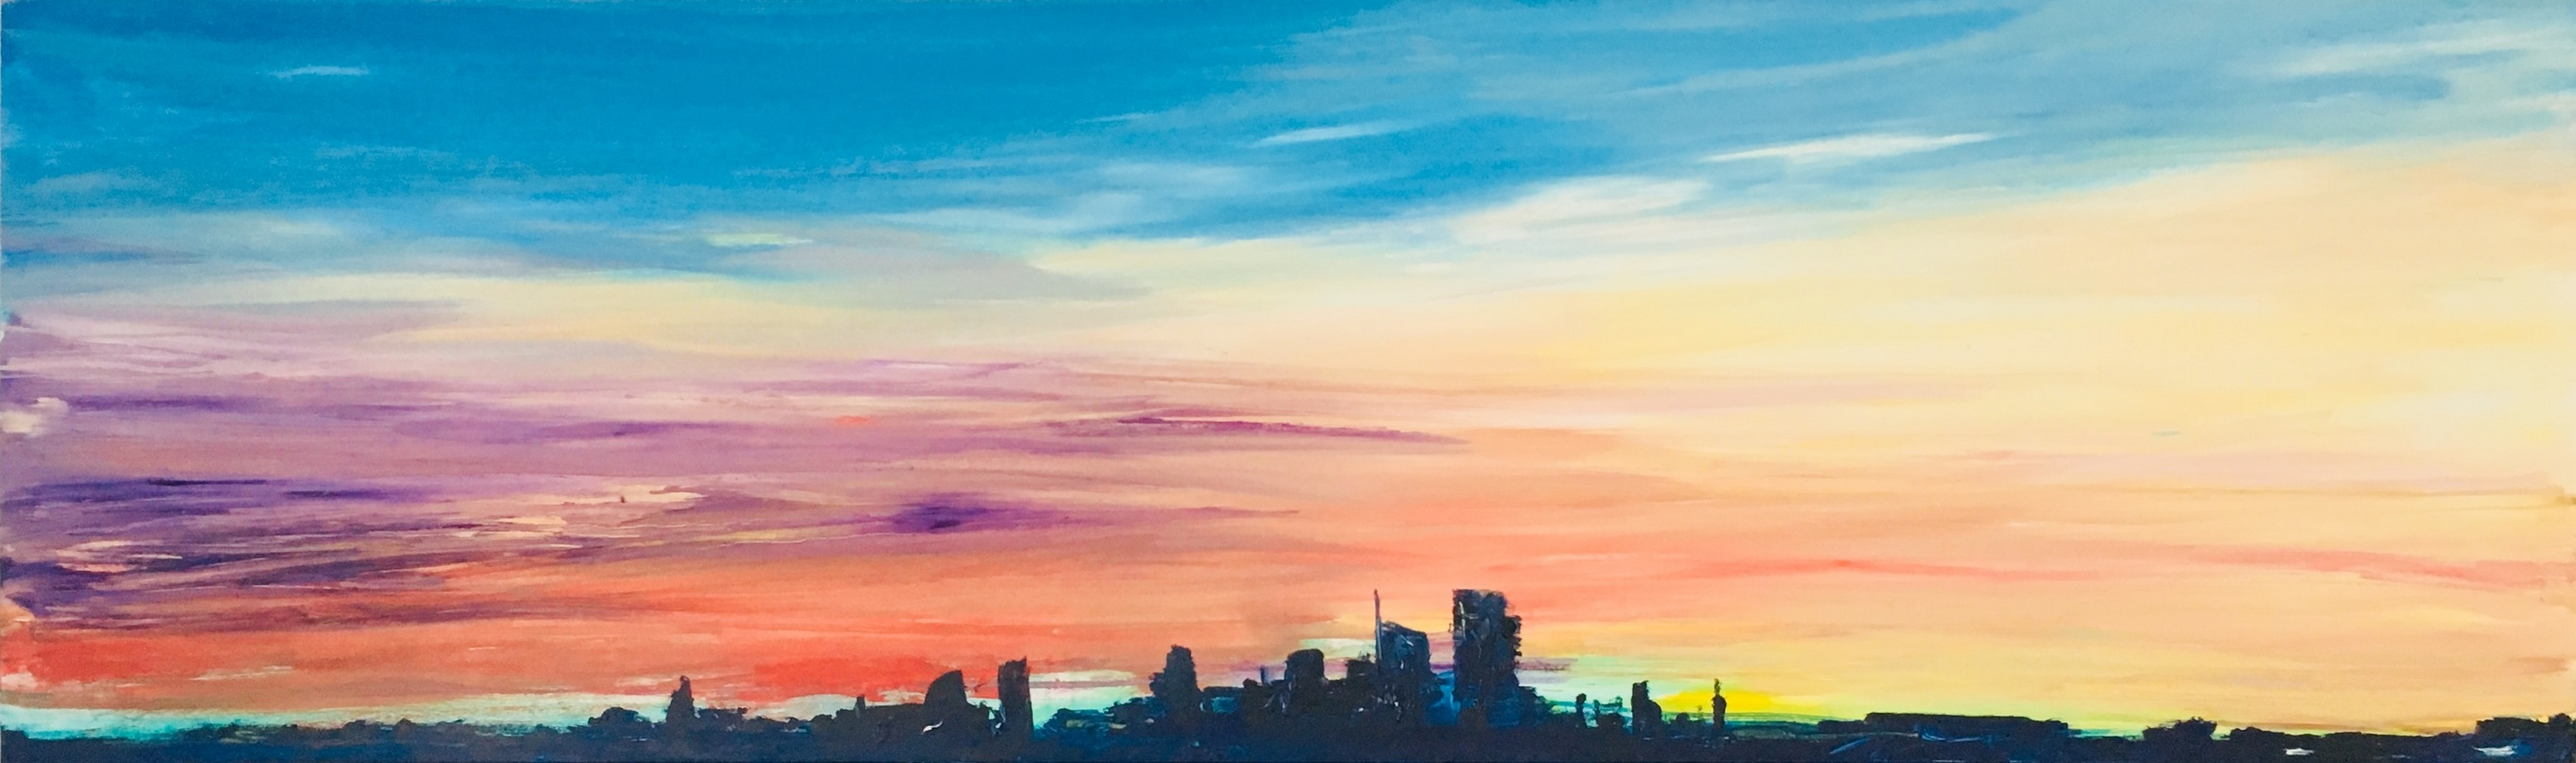 2017 Skyline 60x200cm oil-on-canvas